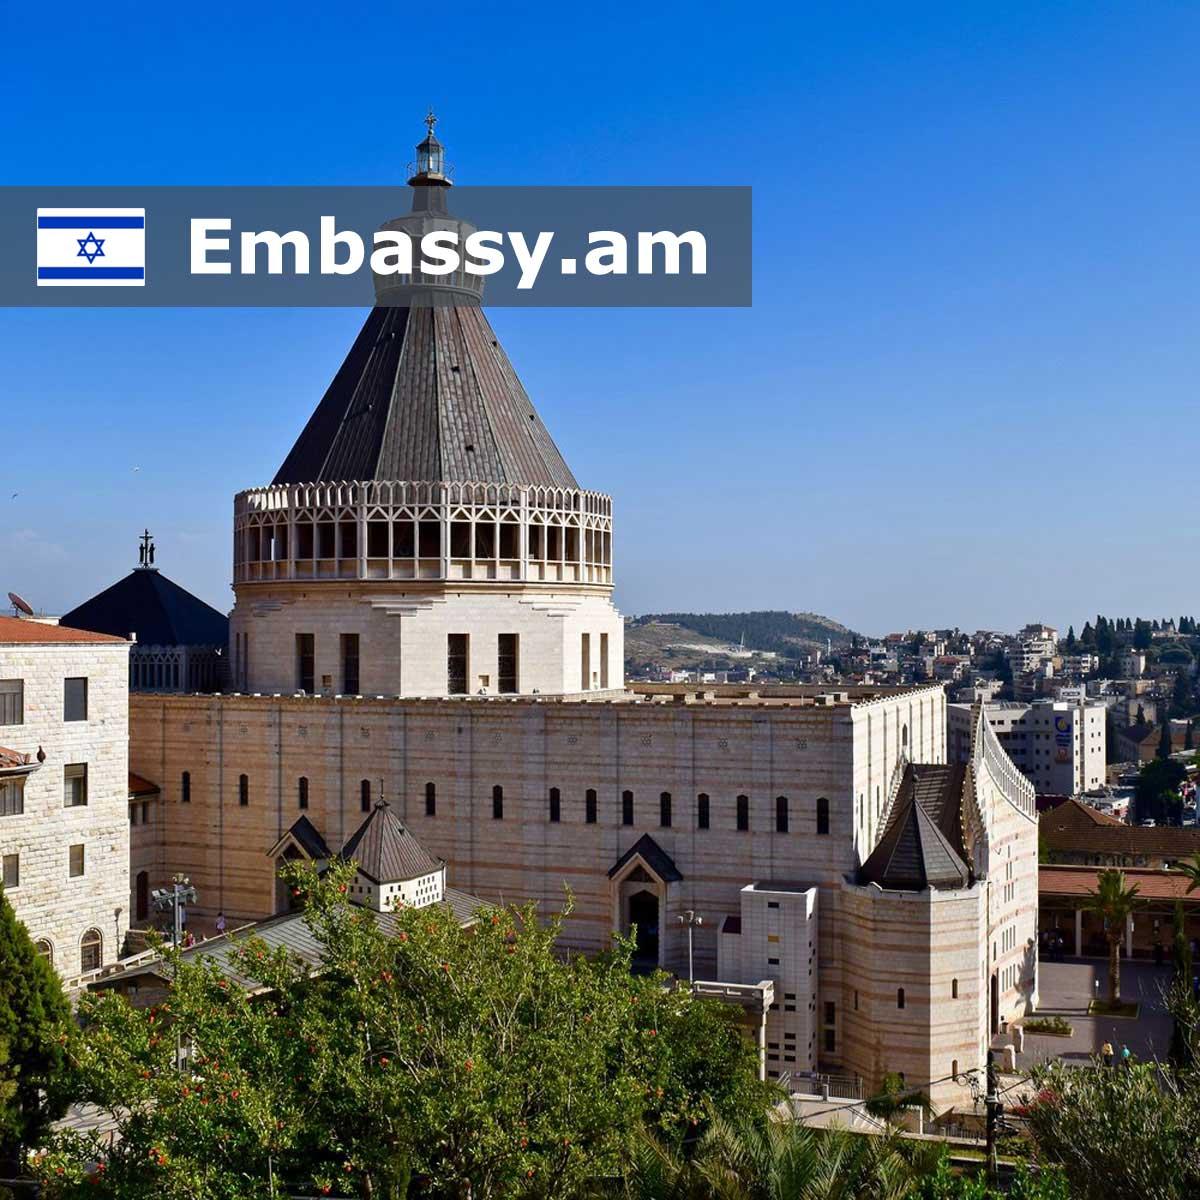 Nazareth - Hotels in Israel - Embassy.am